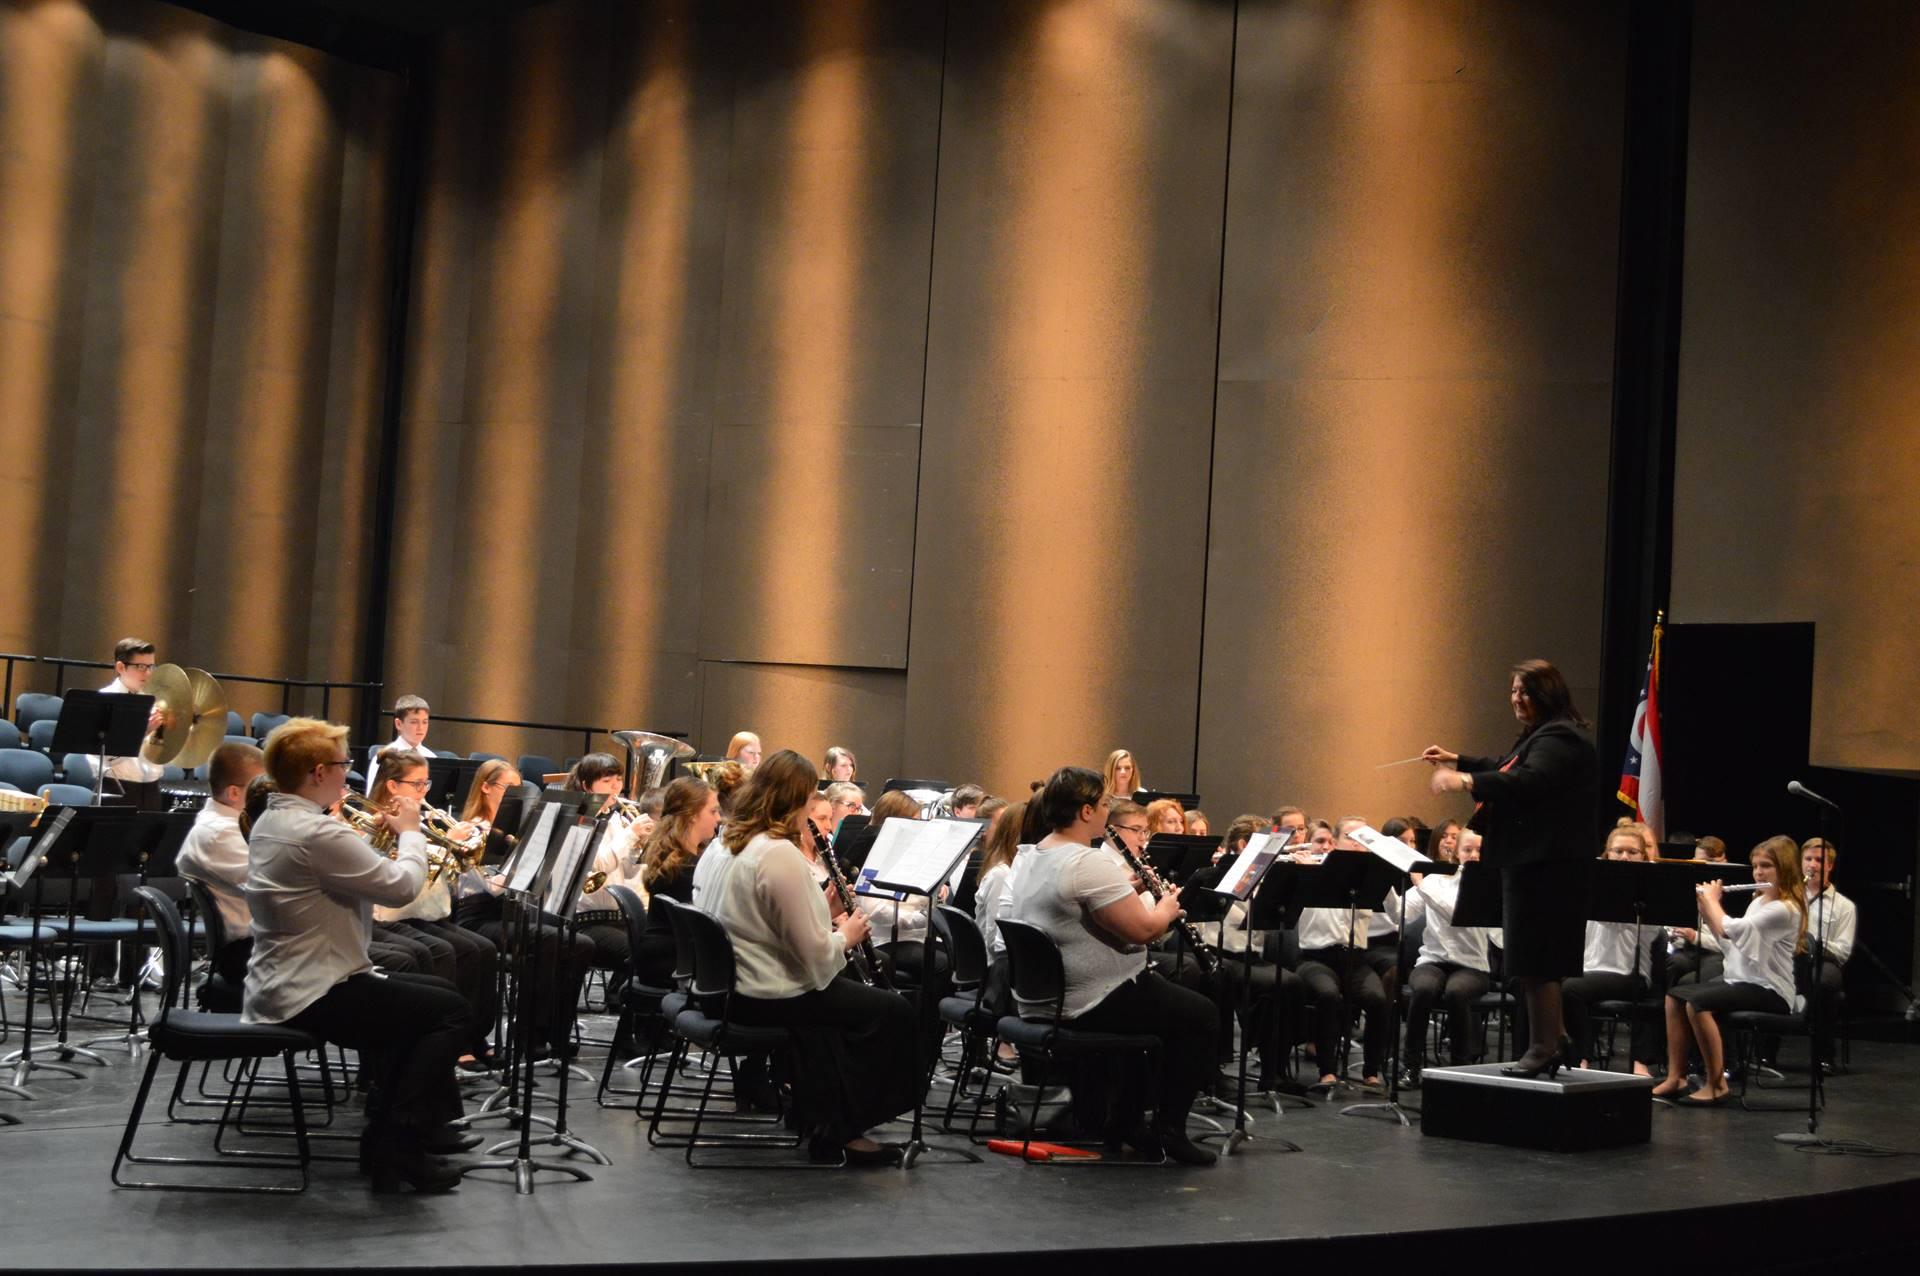 2018 Scioto County Honors Music Festival